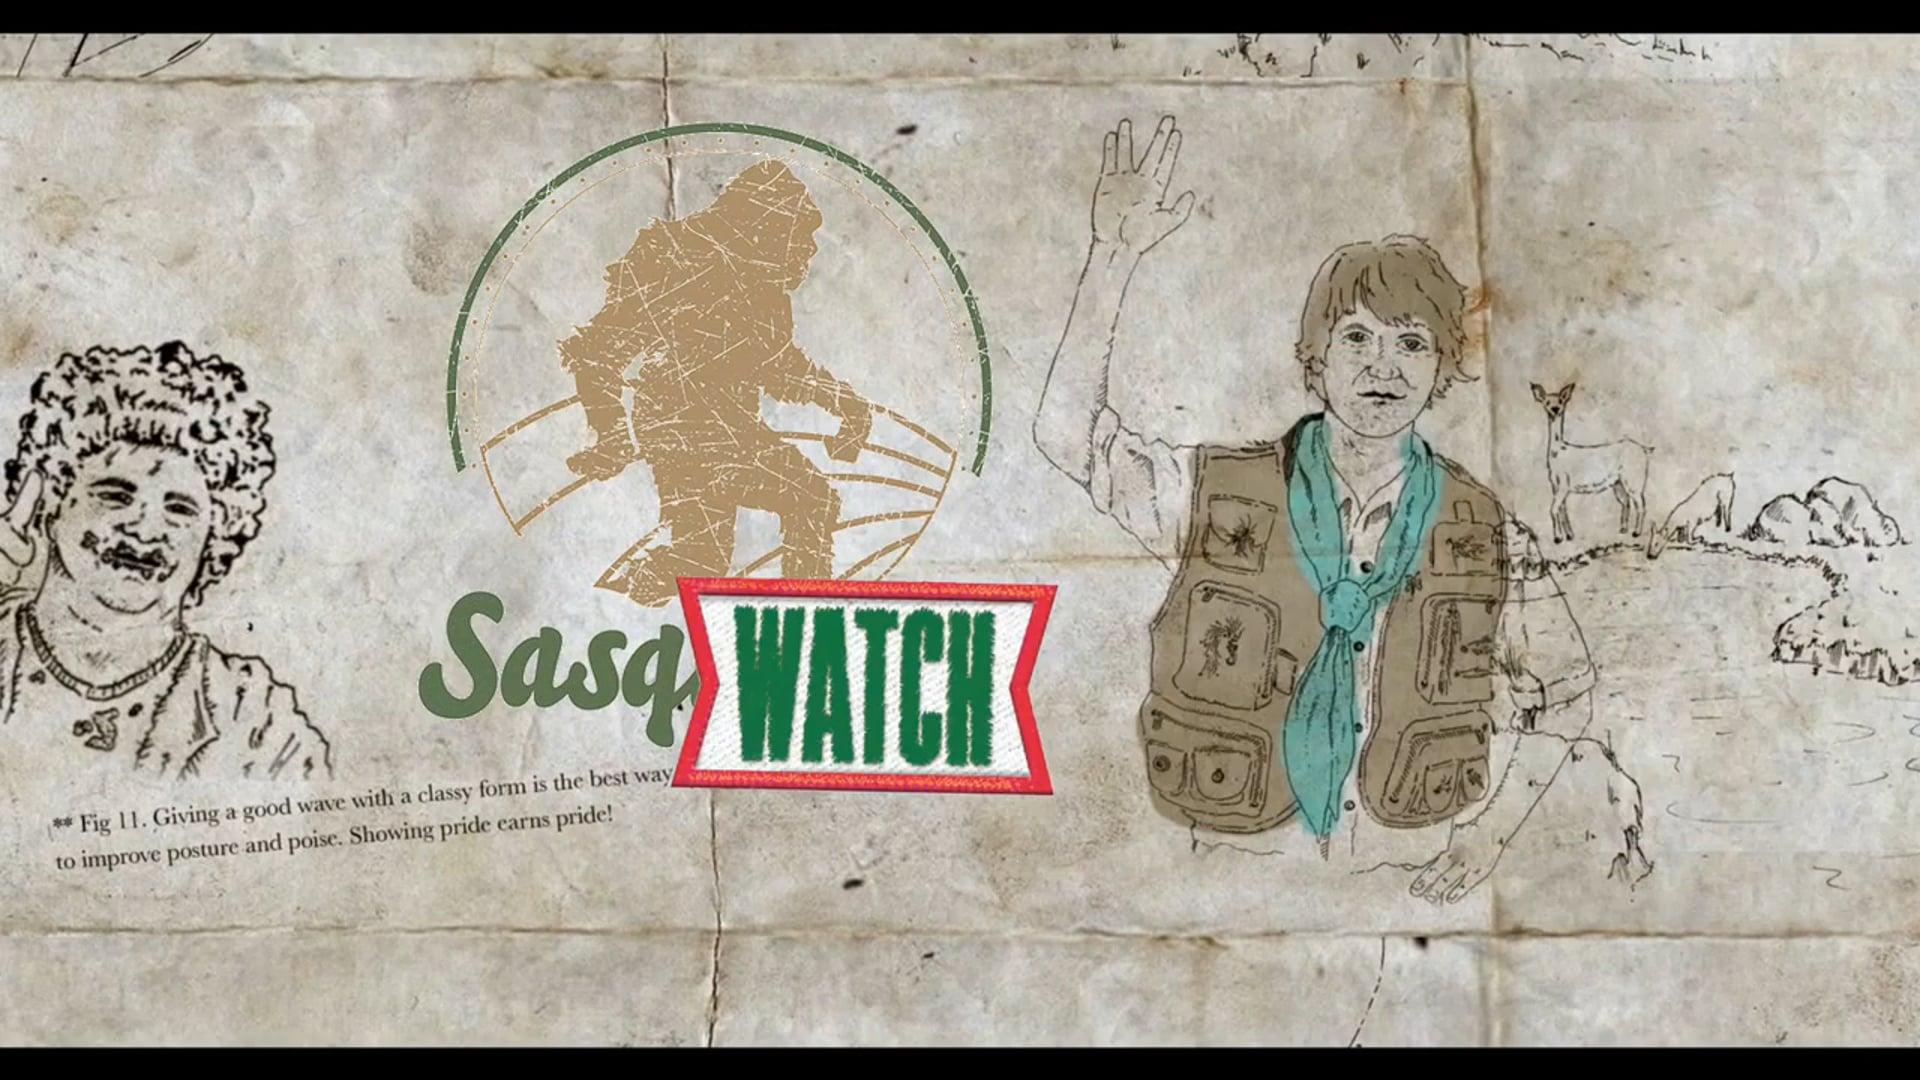 Sasq-Watch! - Official Trailer